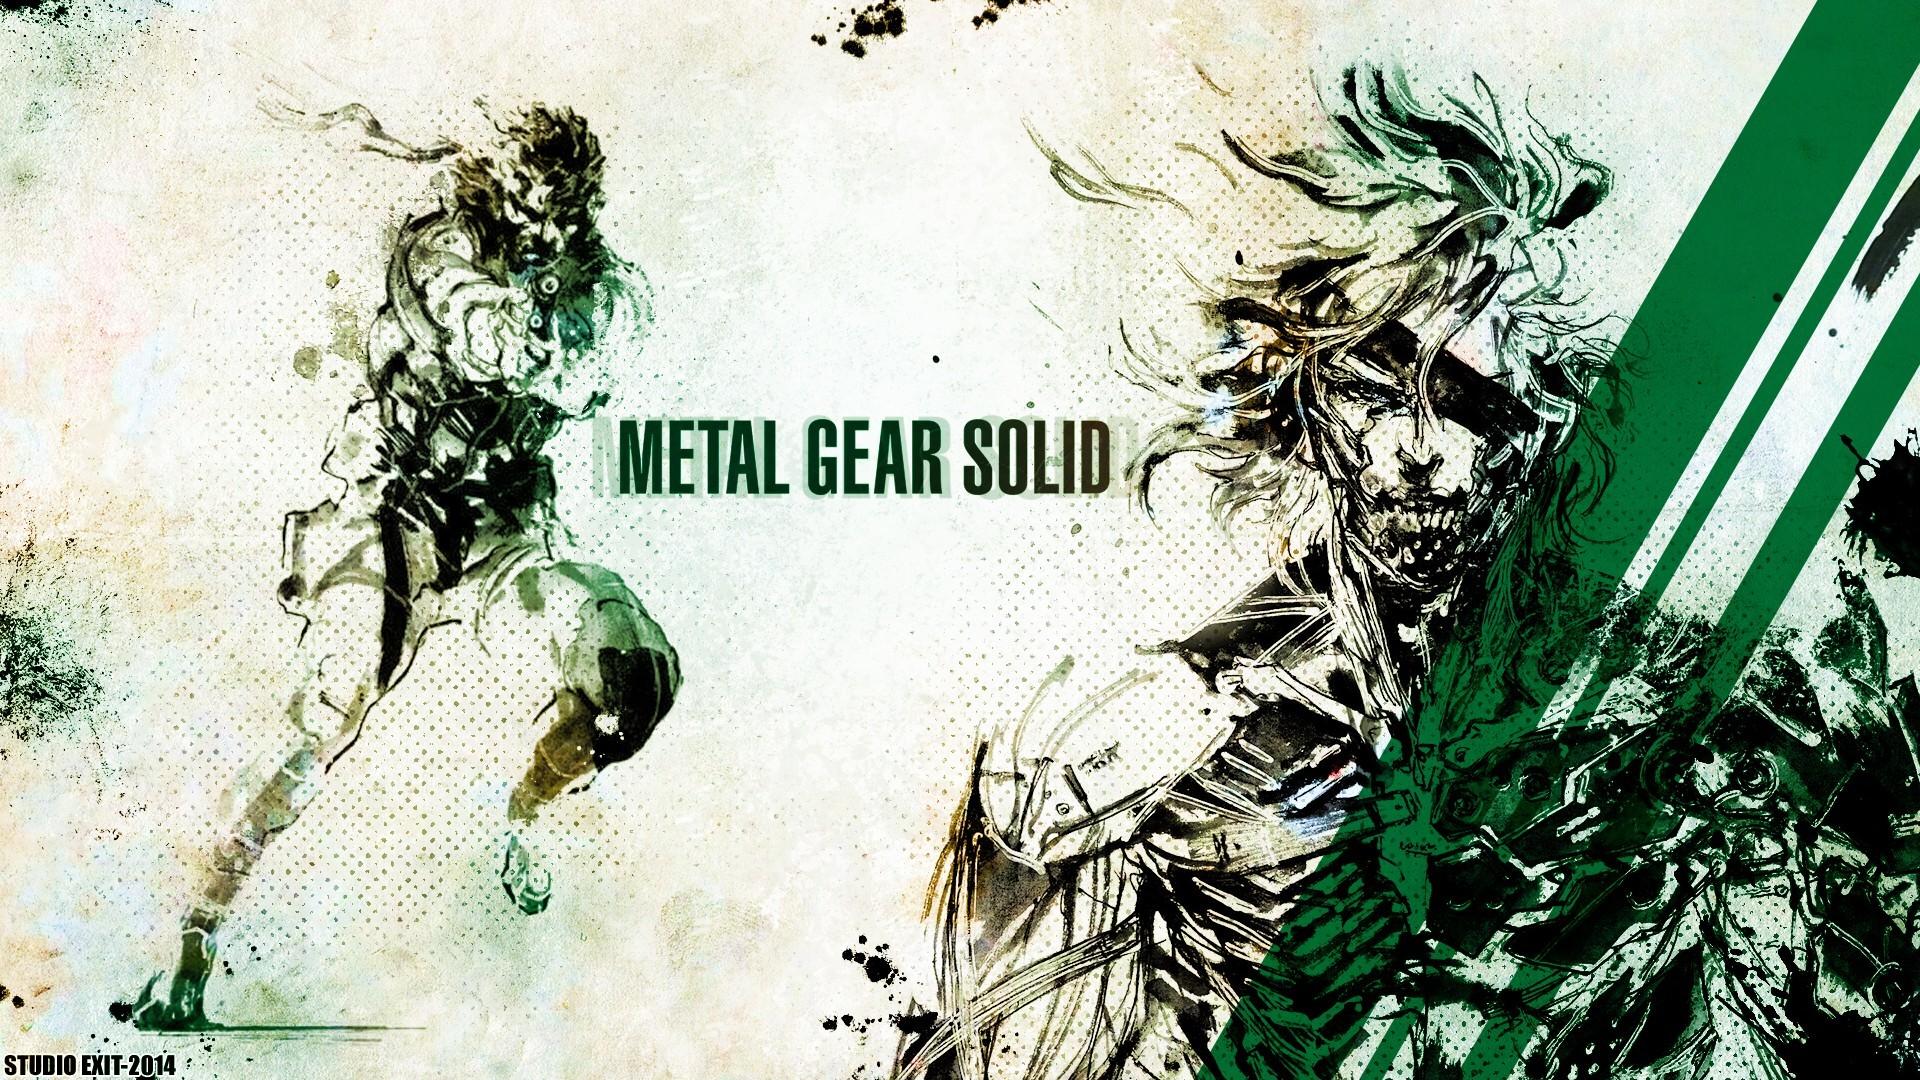 Metal gear solid hd wallpapers 66 images - Metal gear solid desktop wallpaper ...